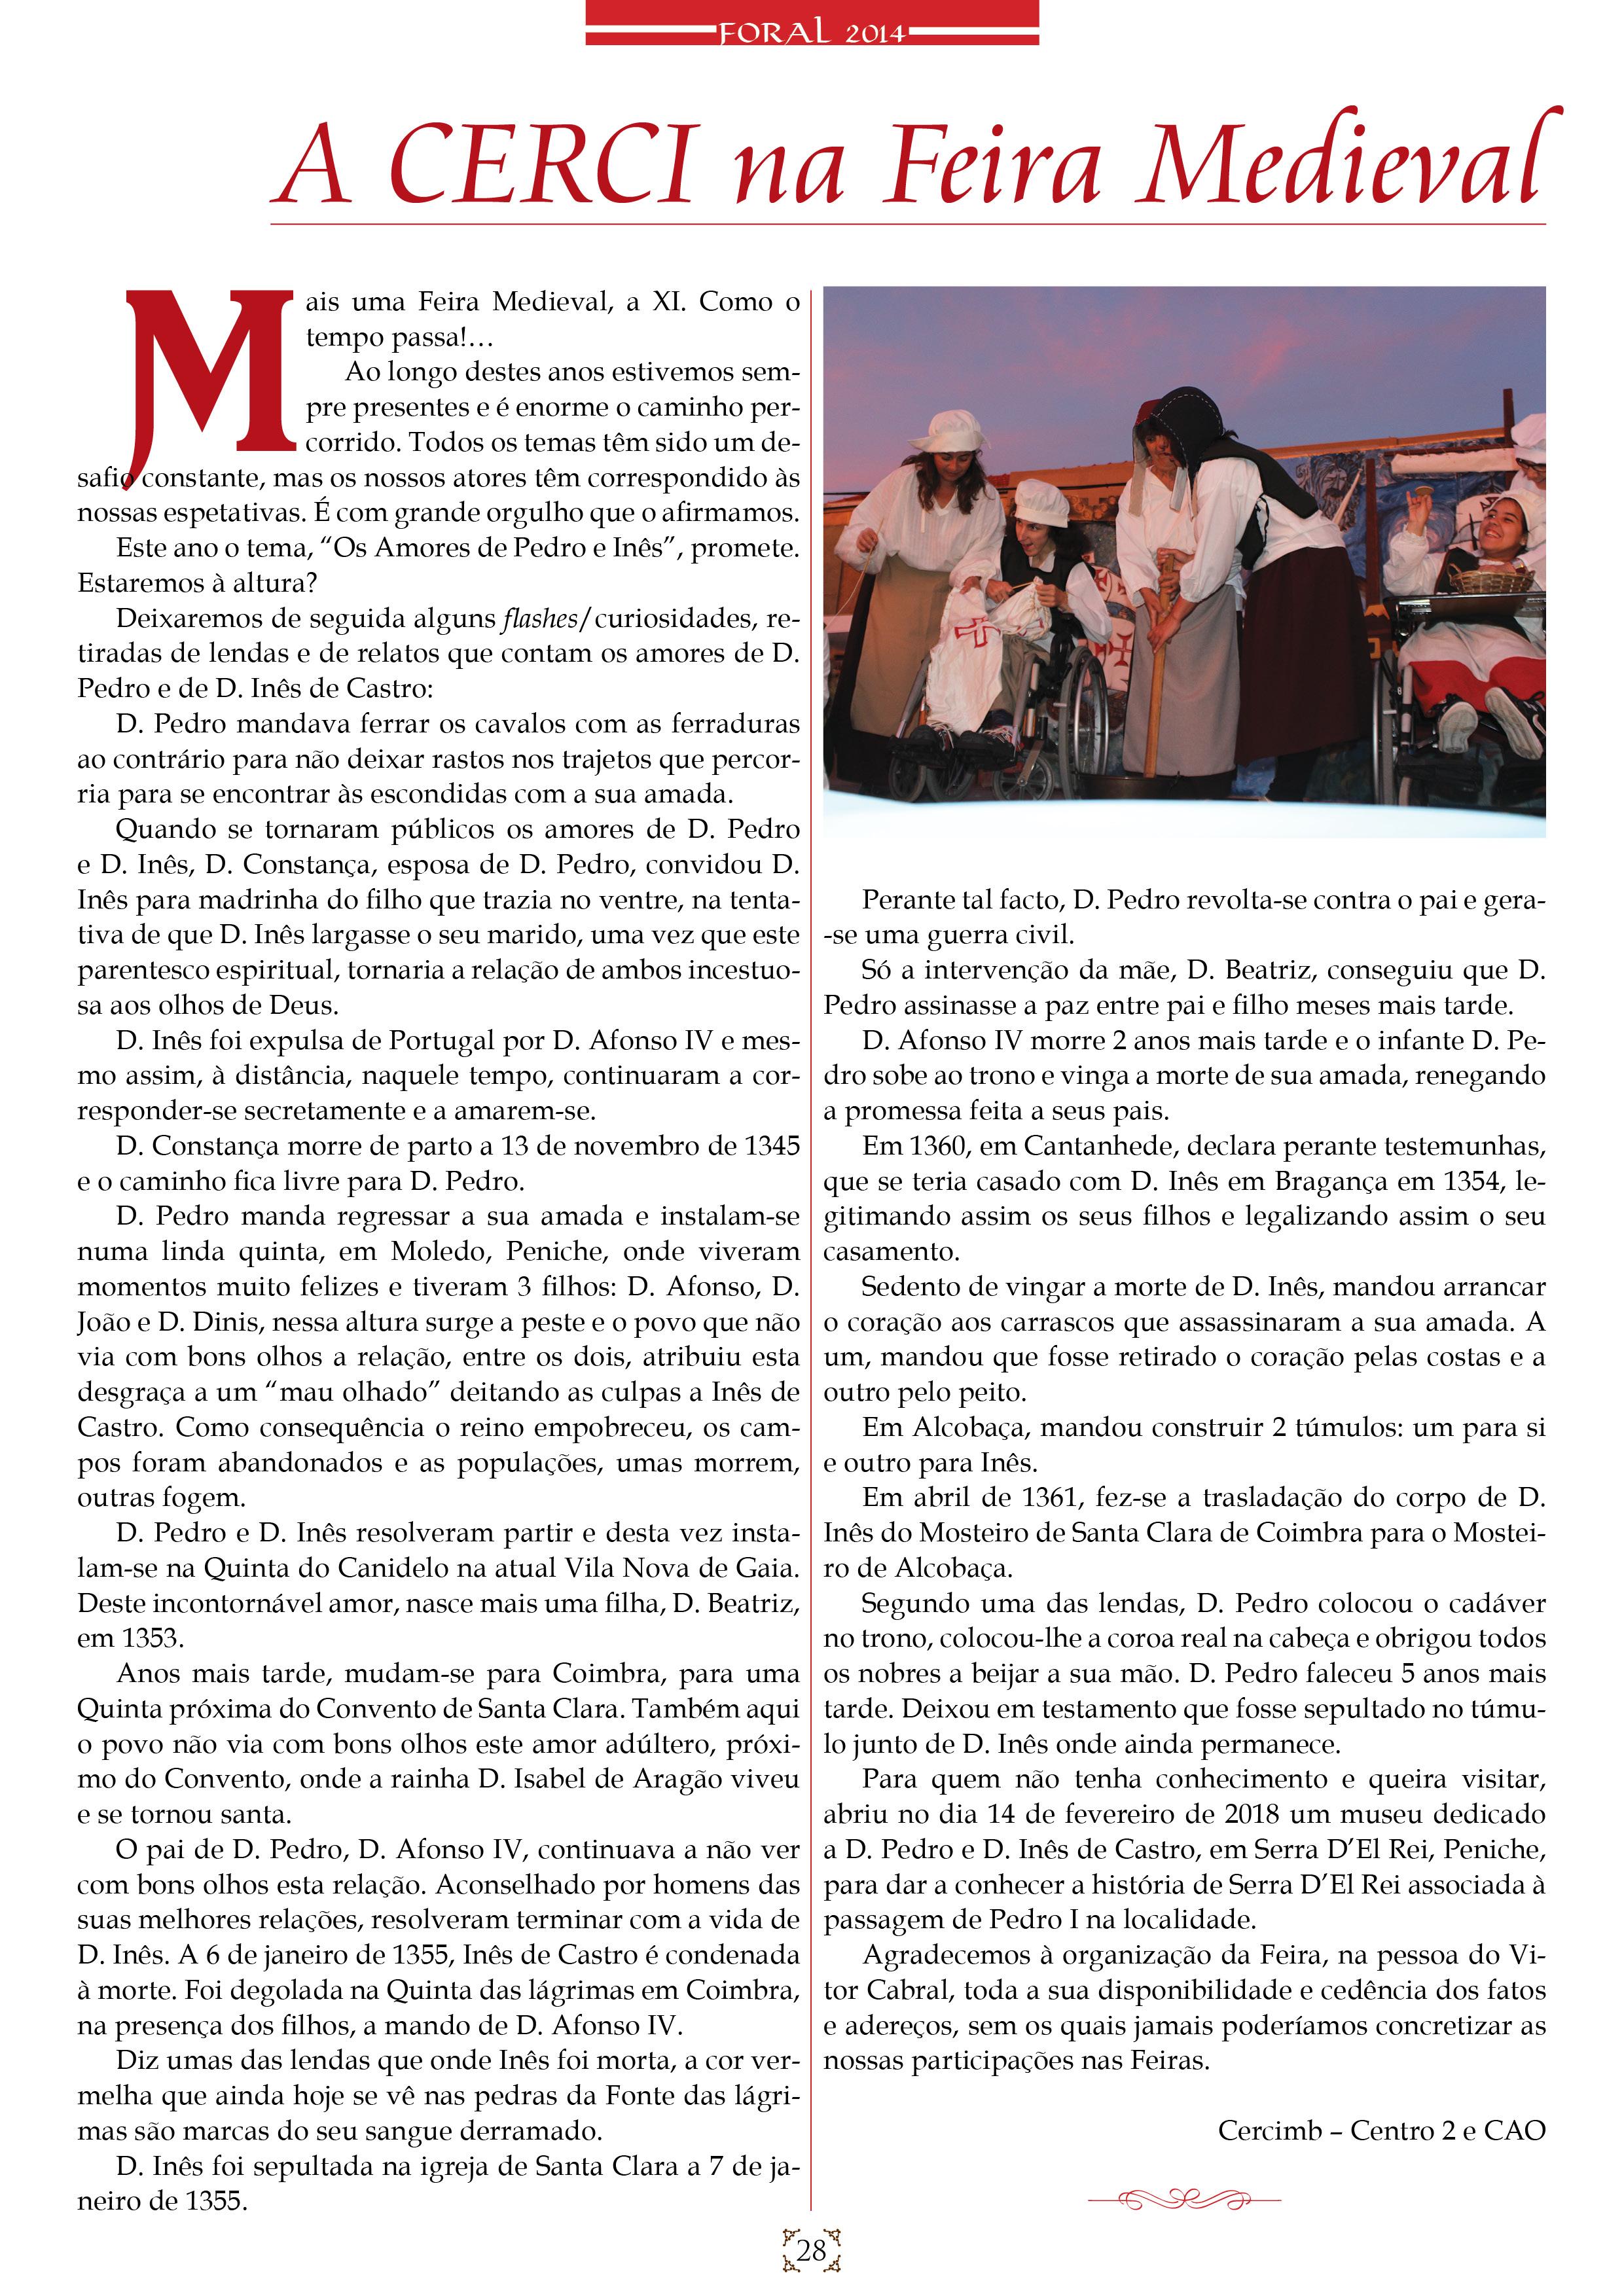 Foral2014_nº14_Junho_2018_(28)